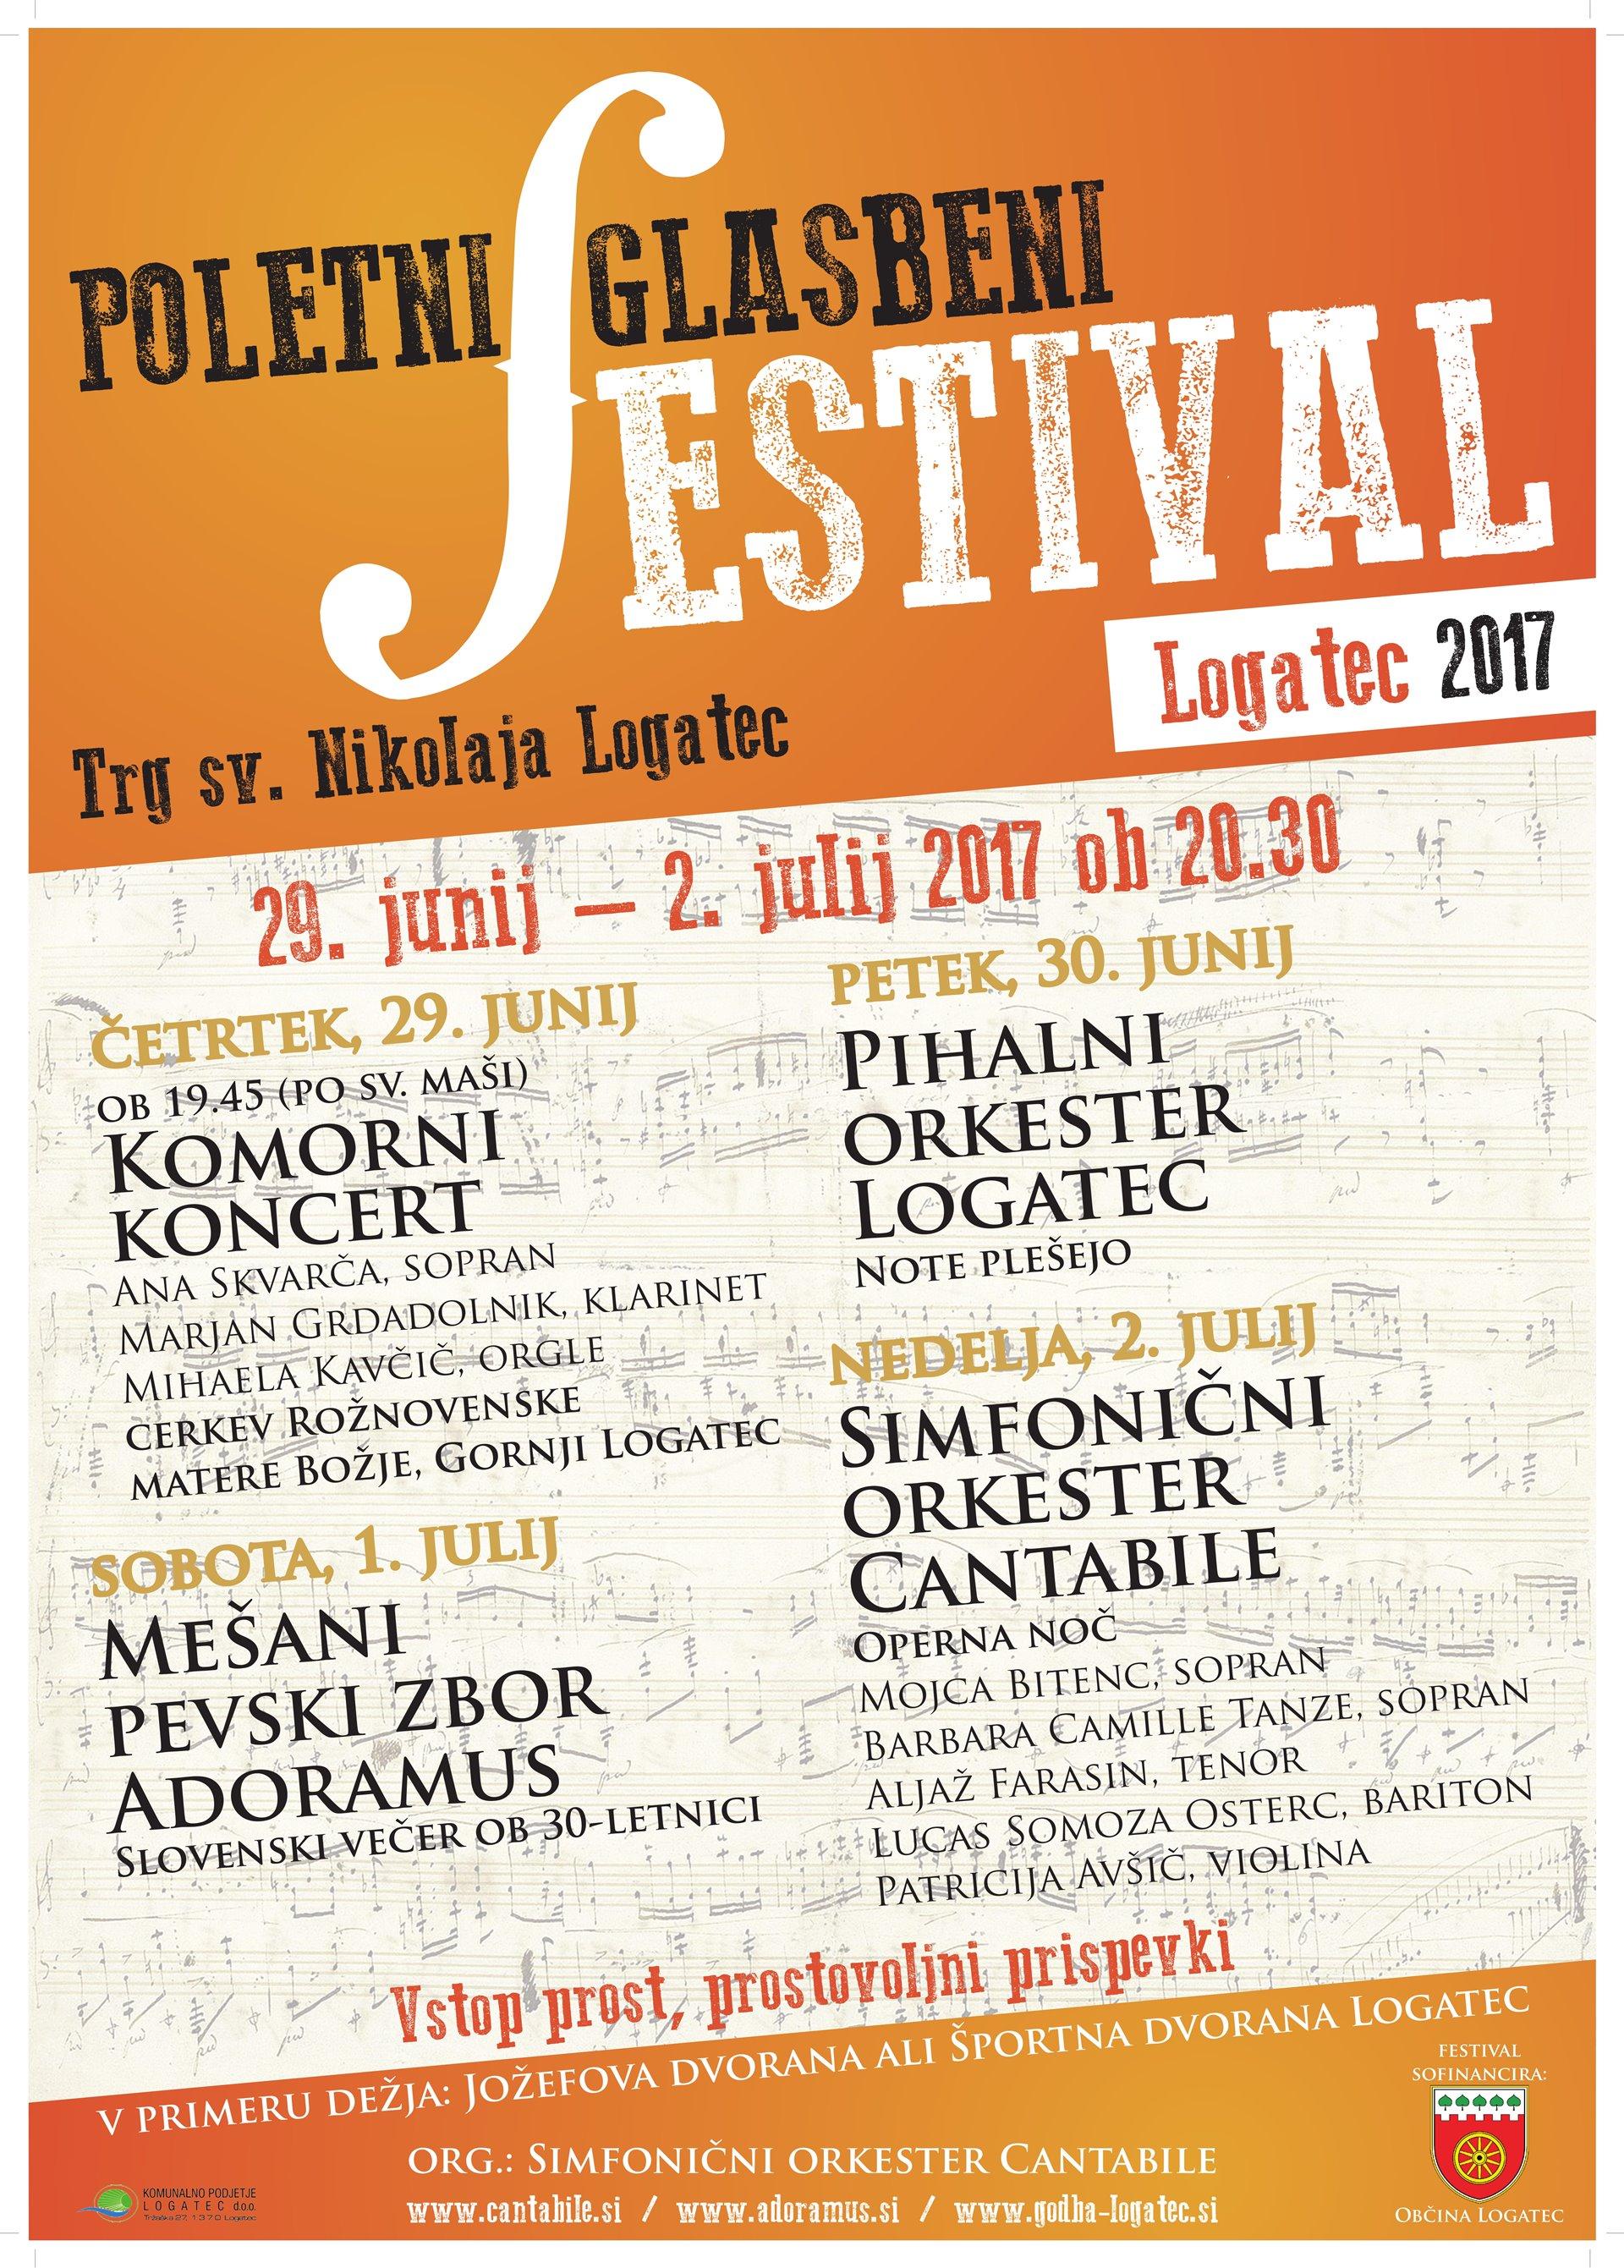 Poletni glasbeni festival Operna noč